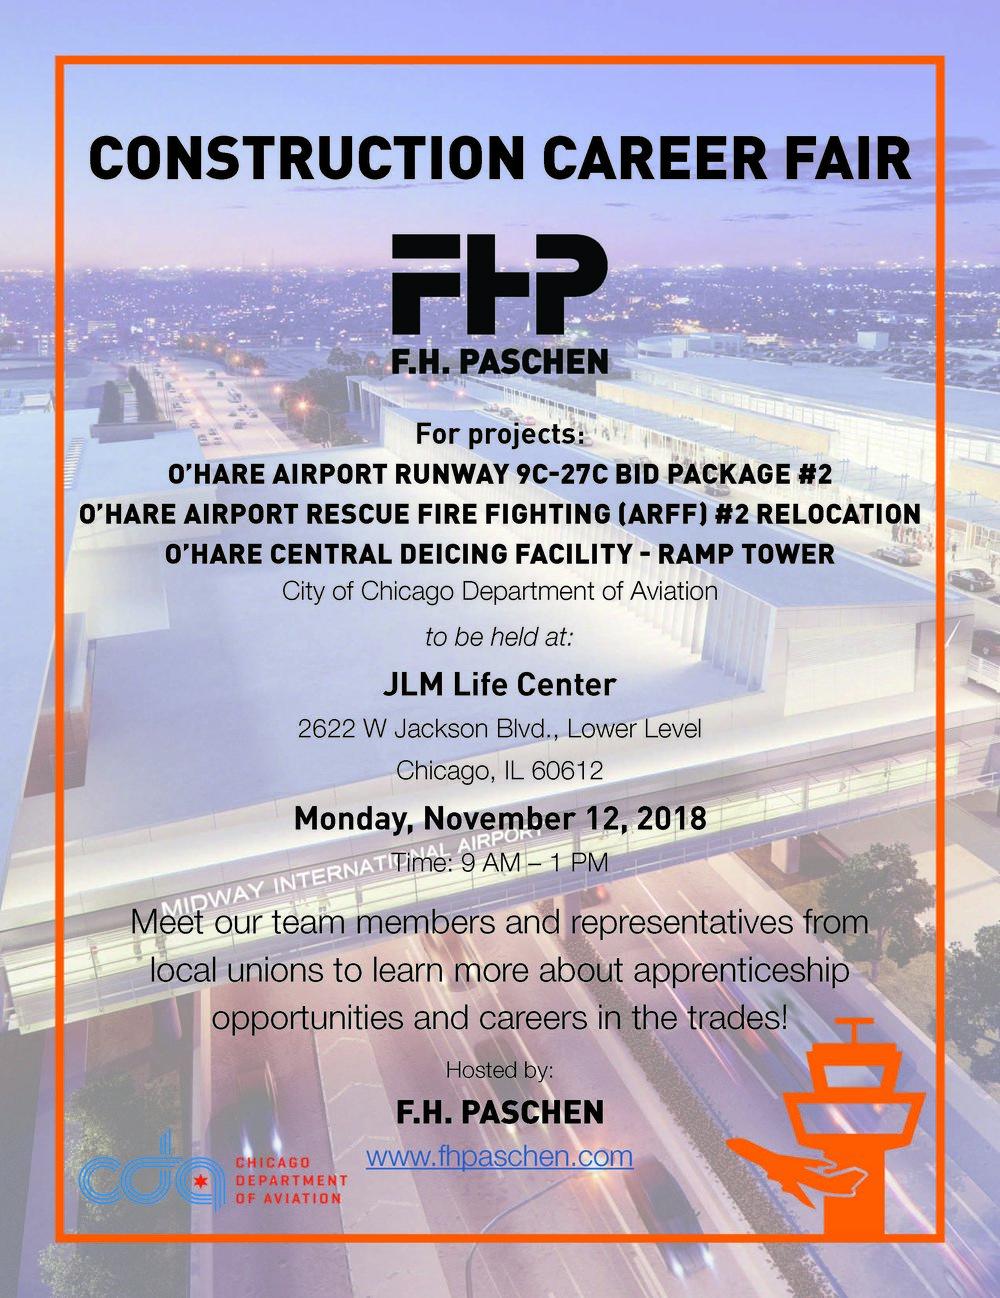 Aviation Construction Career Fair_11-12-18.jpg